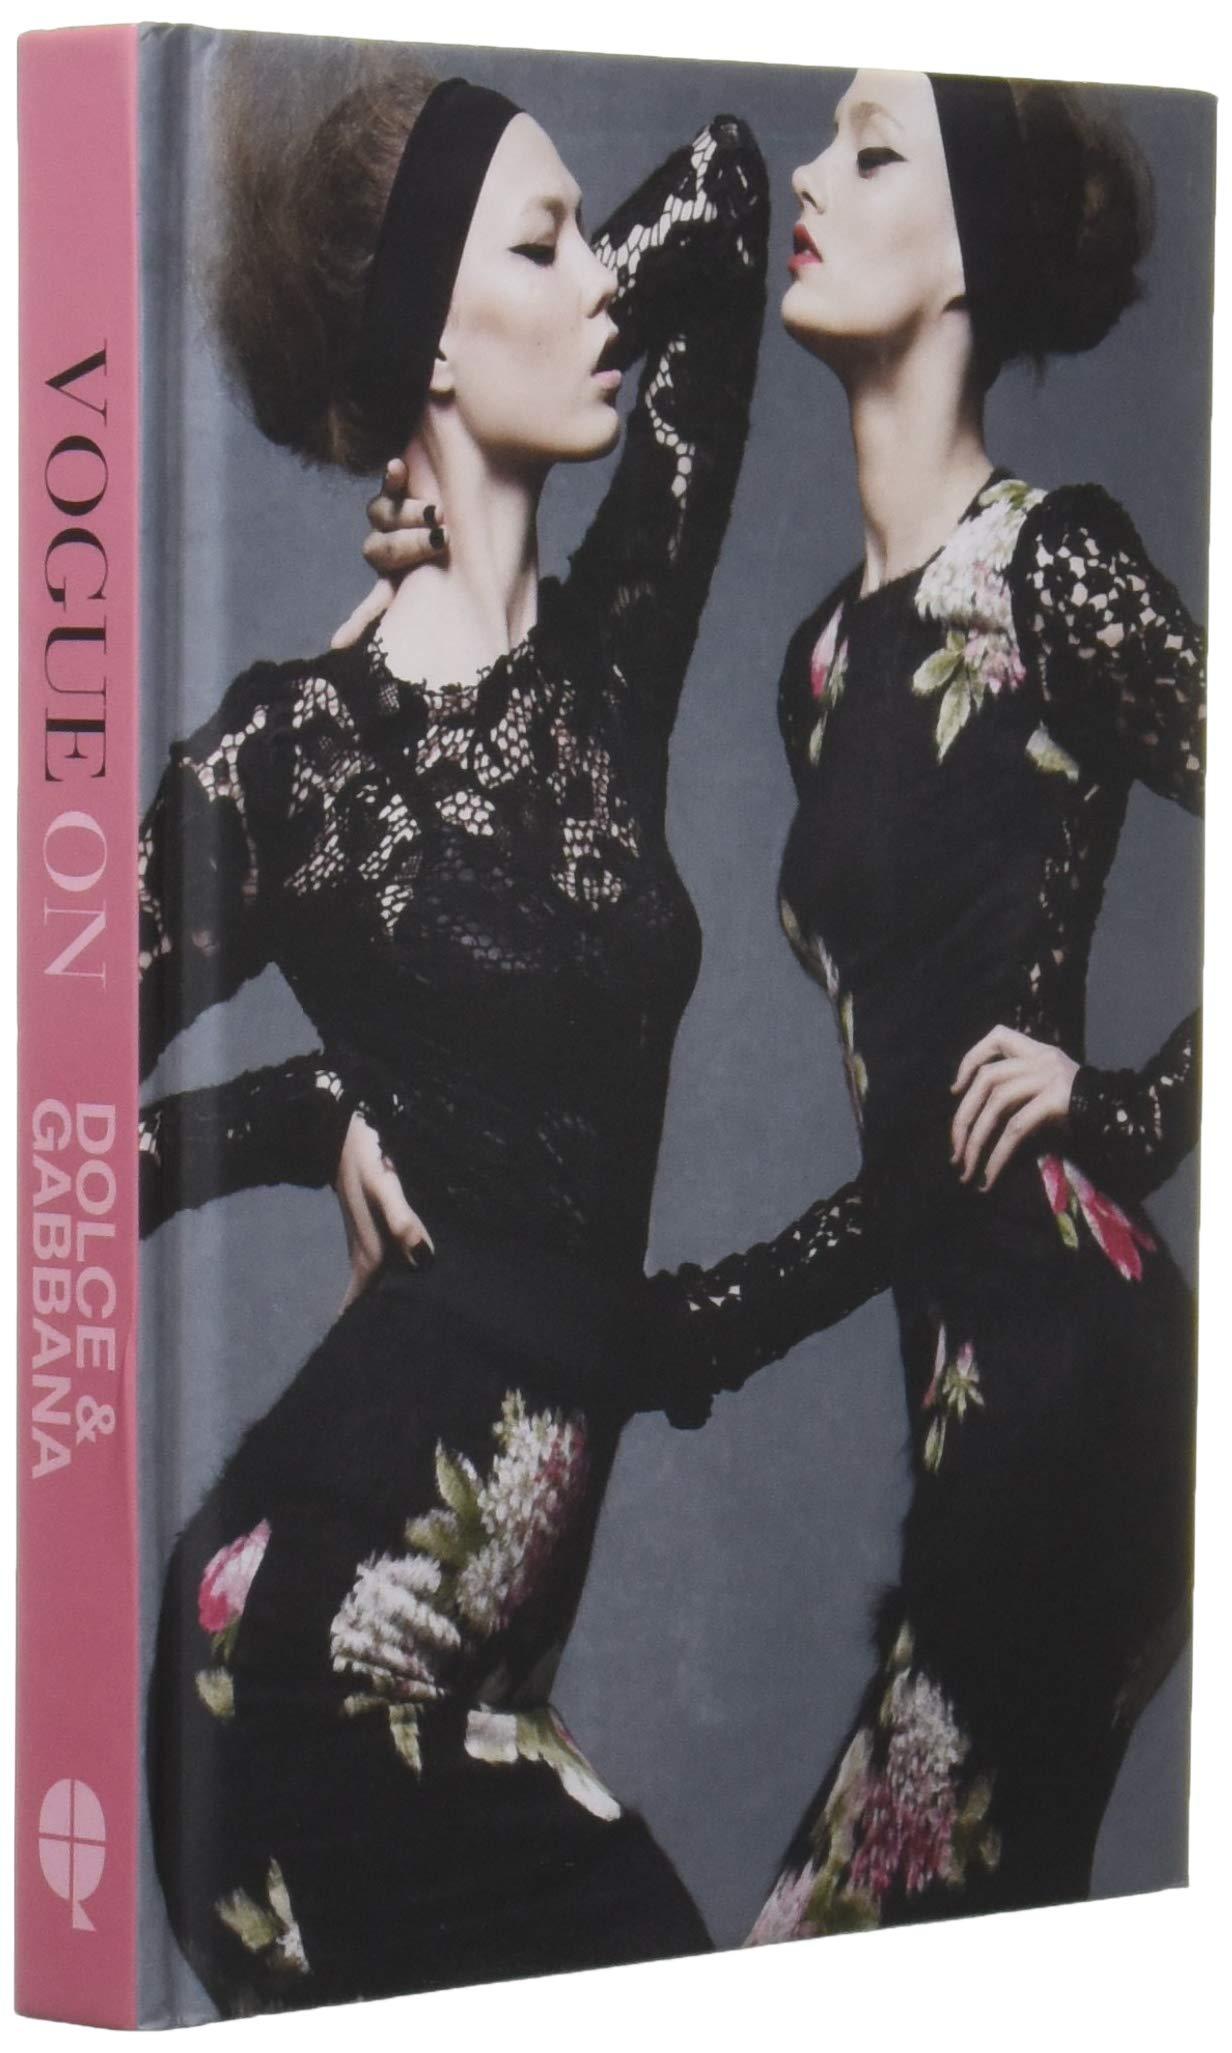 945399f994 Vogue on Dolce & Gabbana: Luke Leitch, Ben Evans: 9781849499729 ...